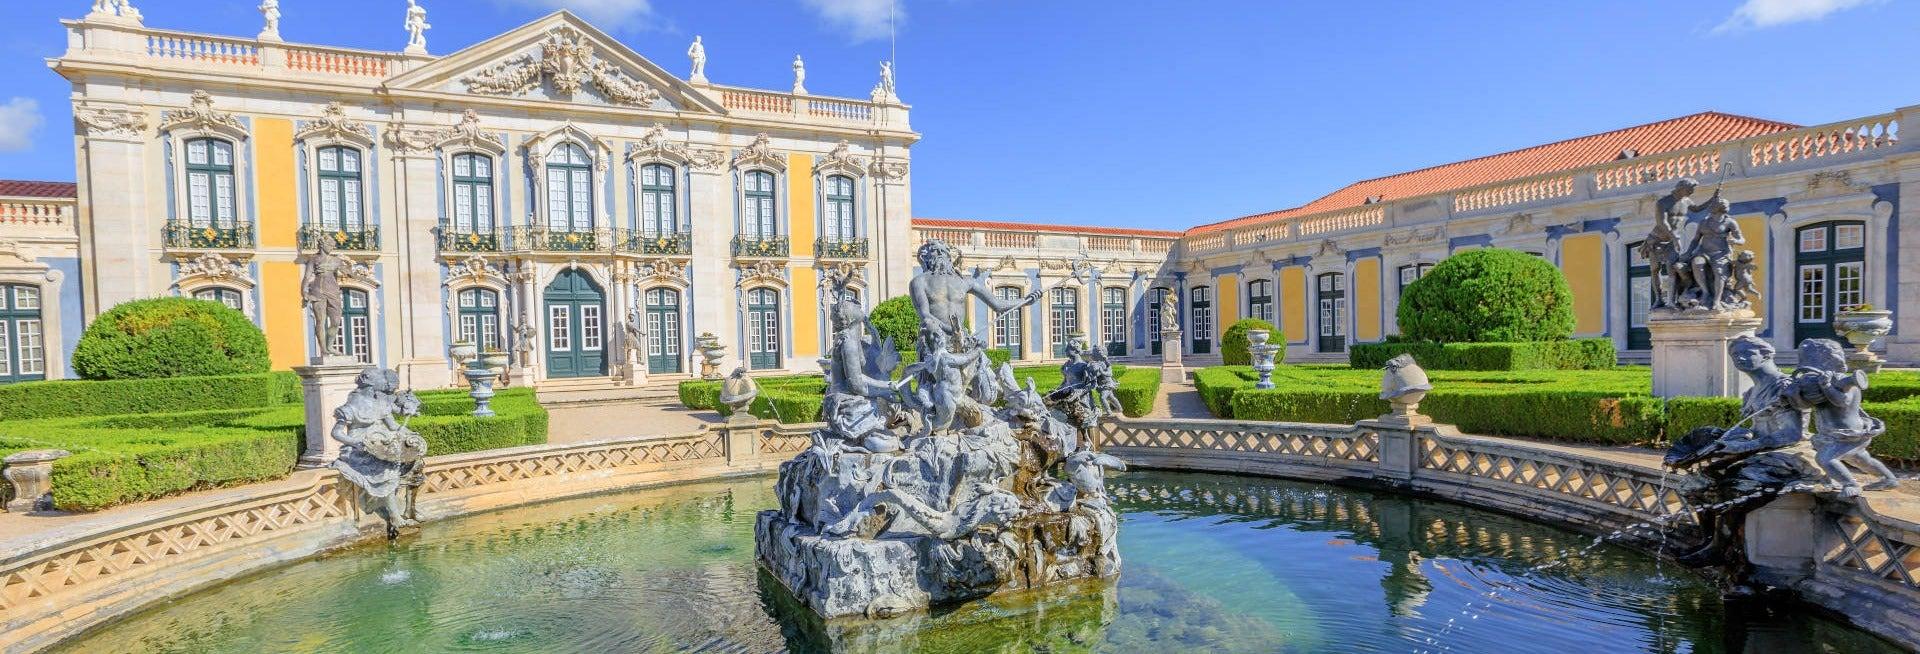 Billet pour le Palais National de Queluz et ses jardins